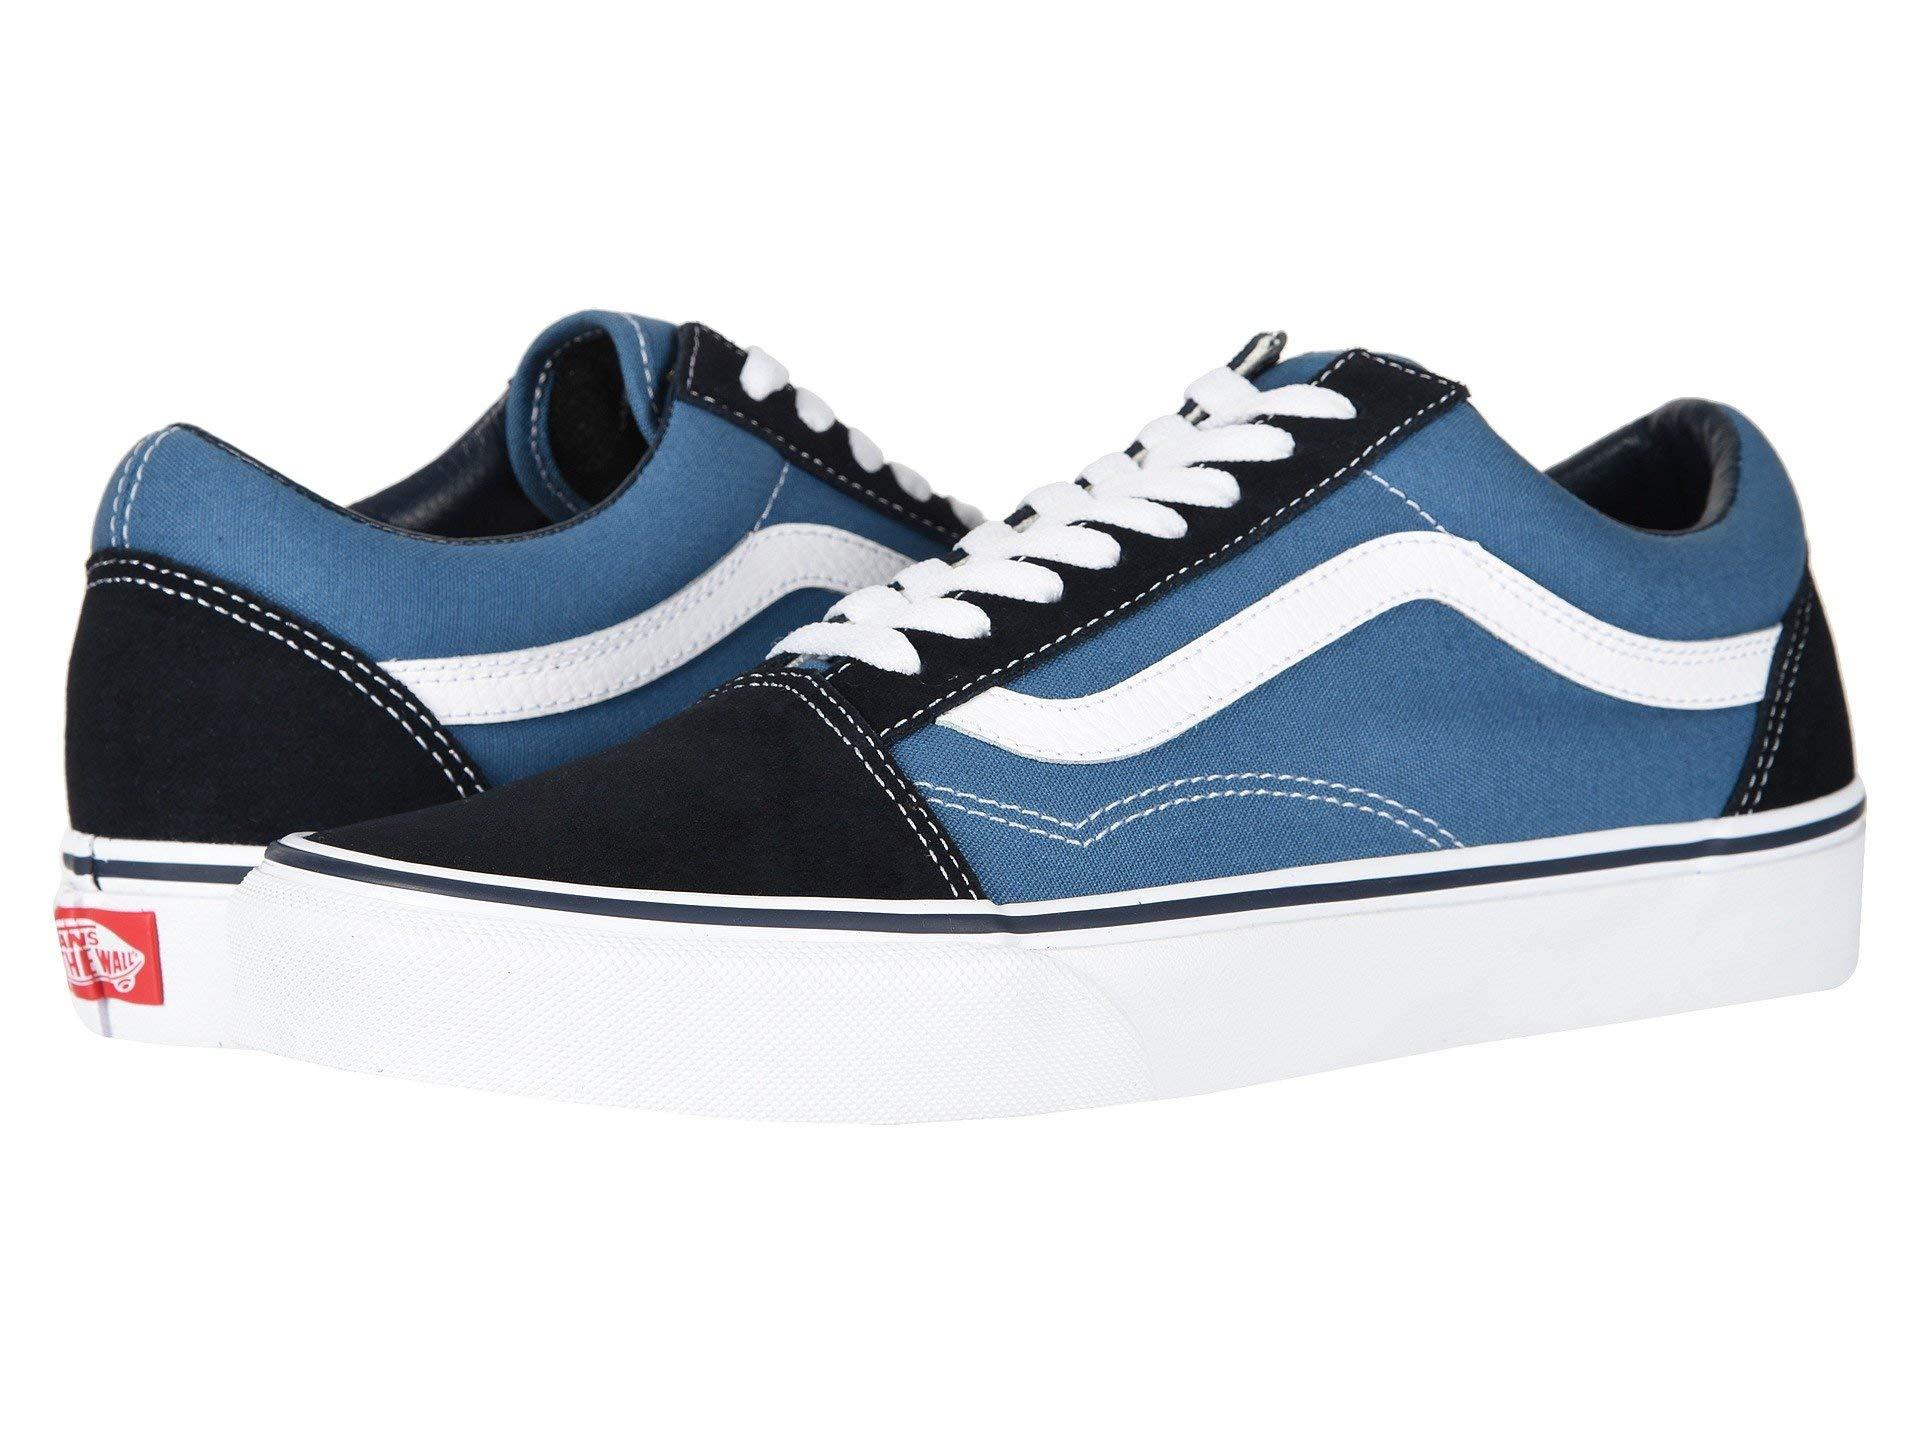 Vans Off The Wall Old Skool Sneakers (Navy) Men's Skateboarding Shoes by Vans (Image #1)